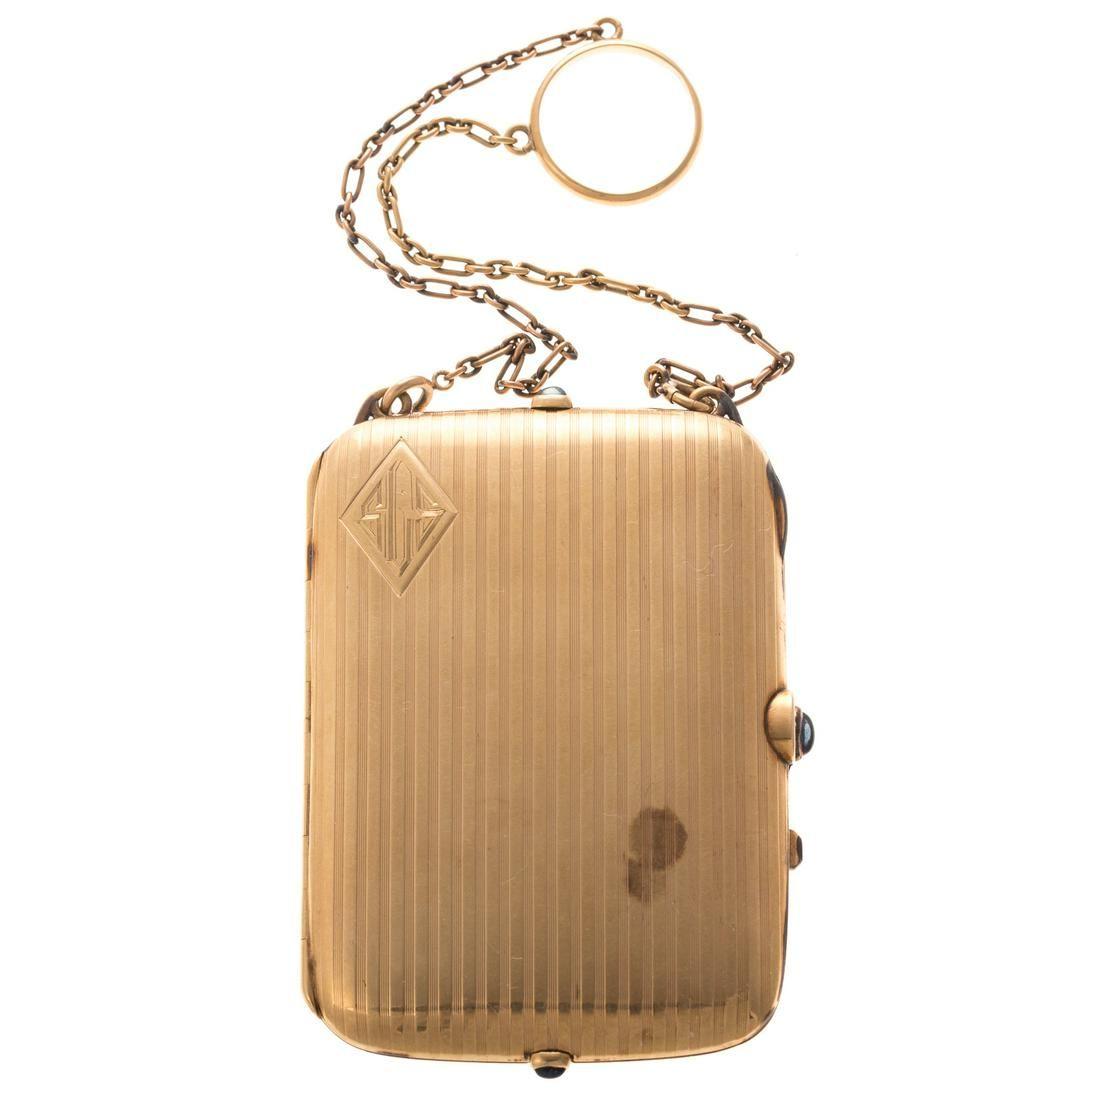 A Ladies Vintage Minaudiere in 14K Gold